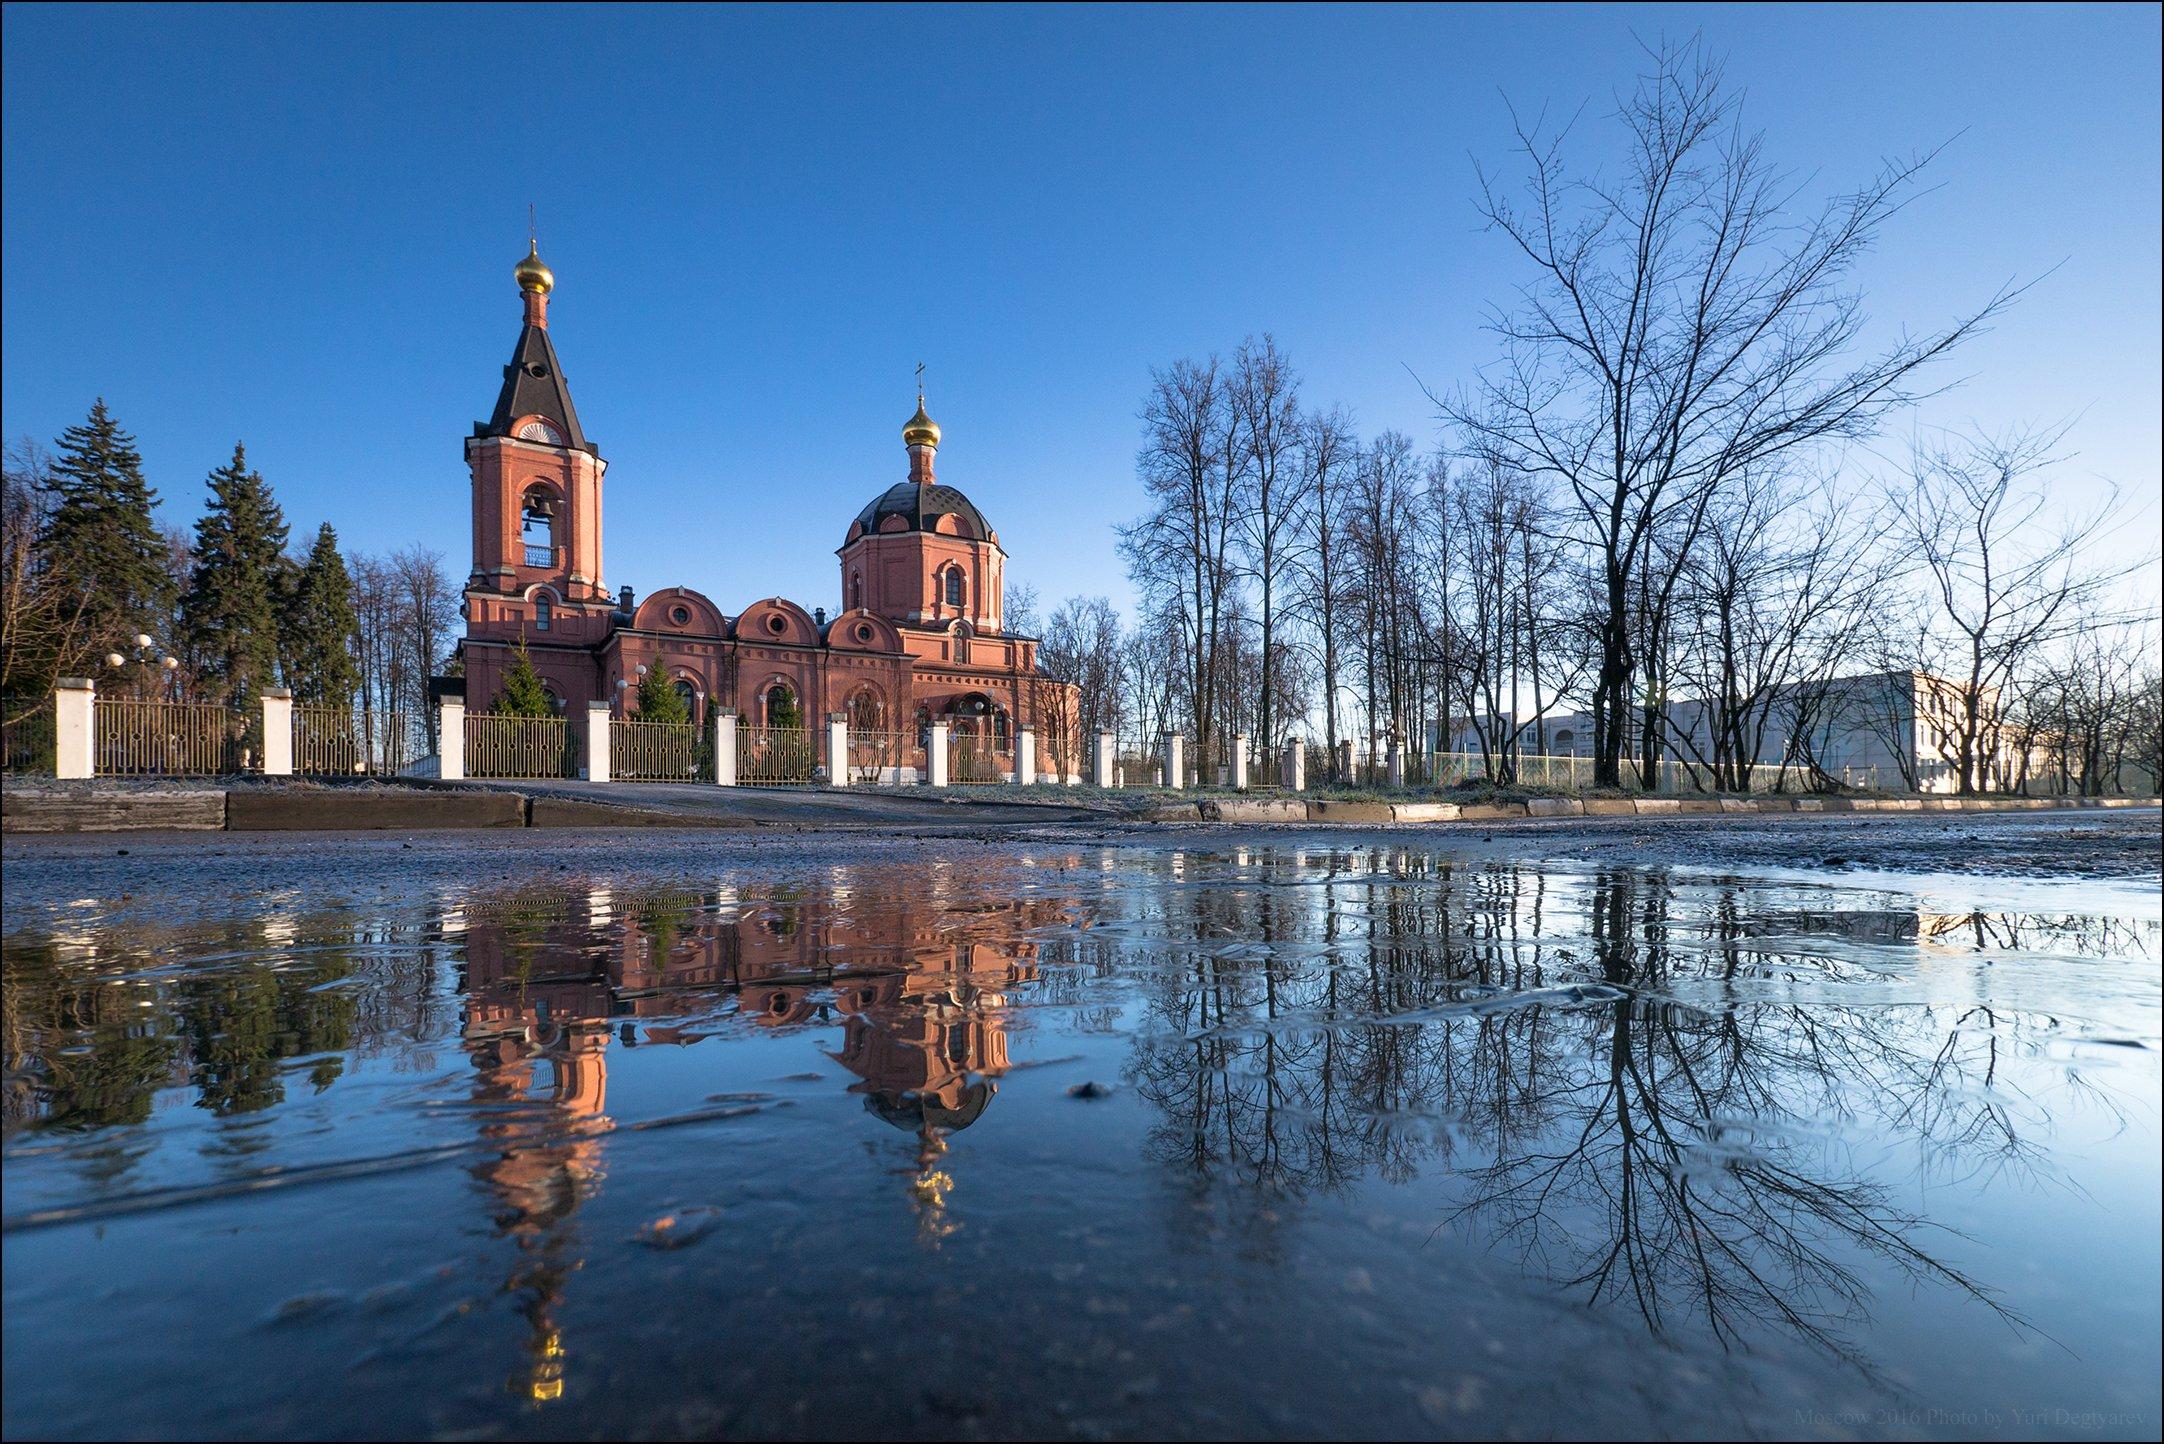 россия, город, москва, поселок, восточный, церковь, храм, димитрия, солунского, отражение, лед, Юрий Дегтярёв